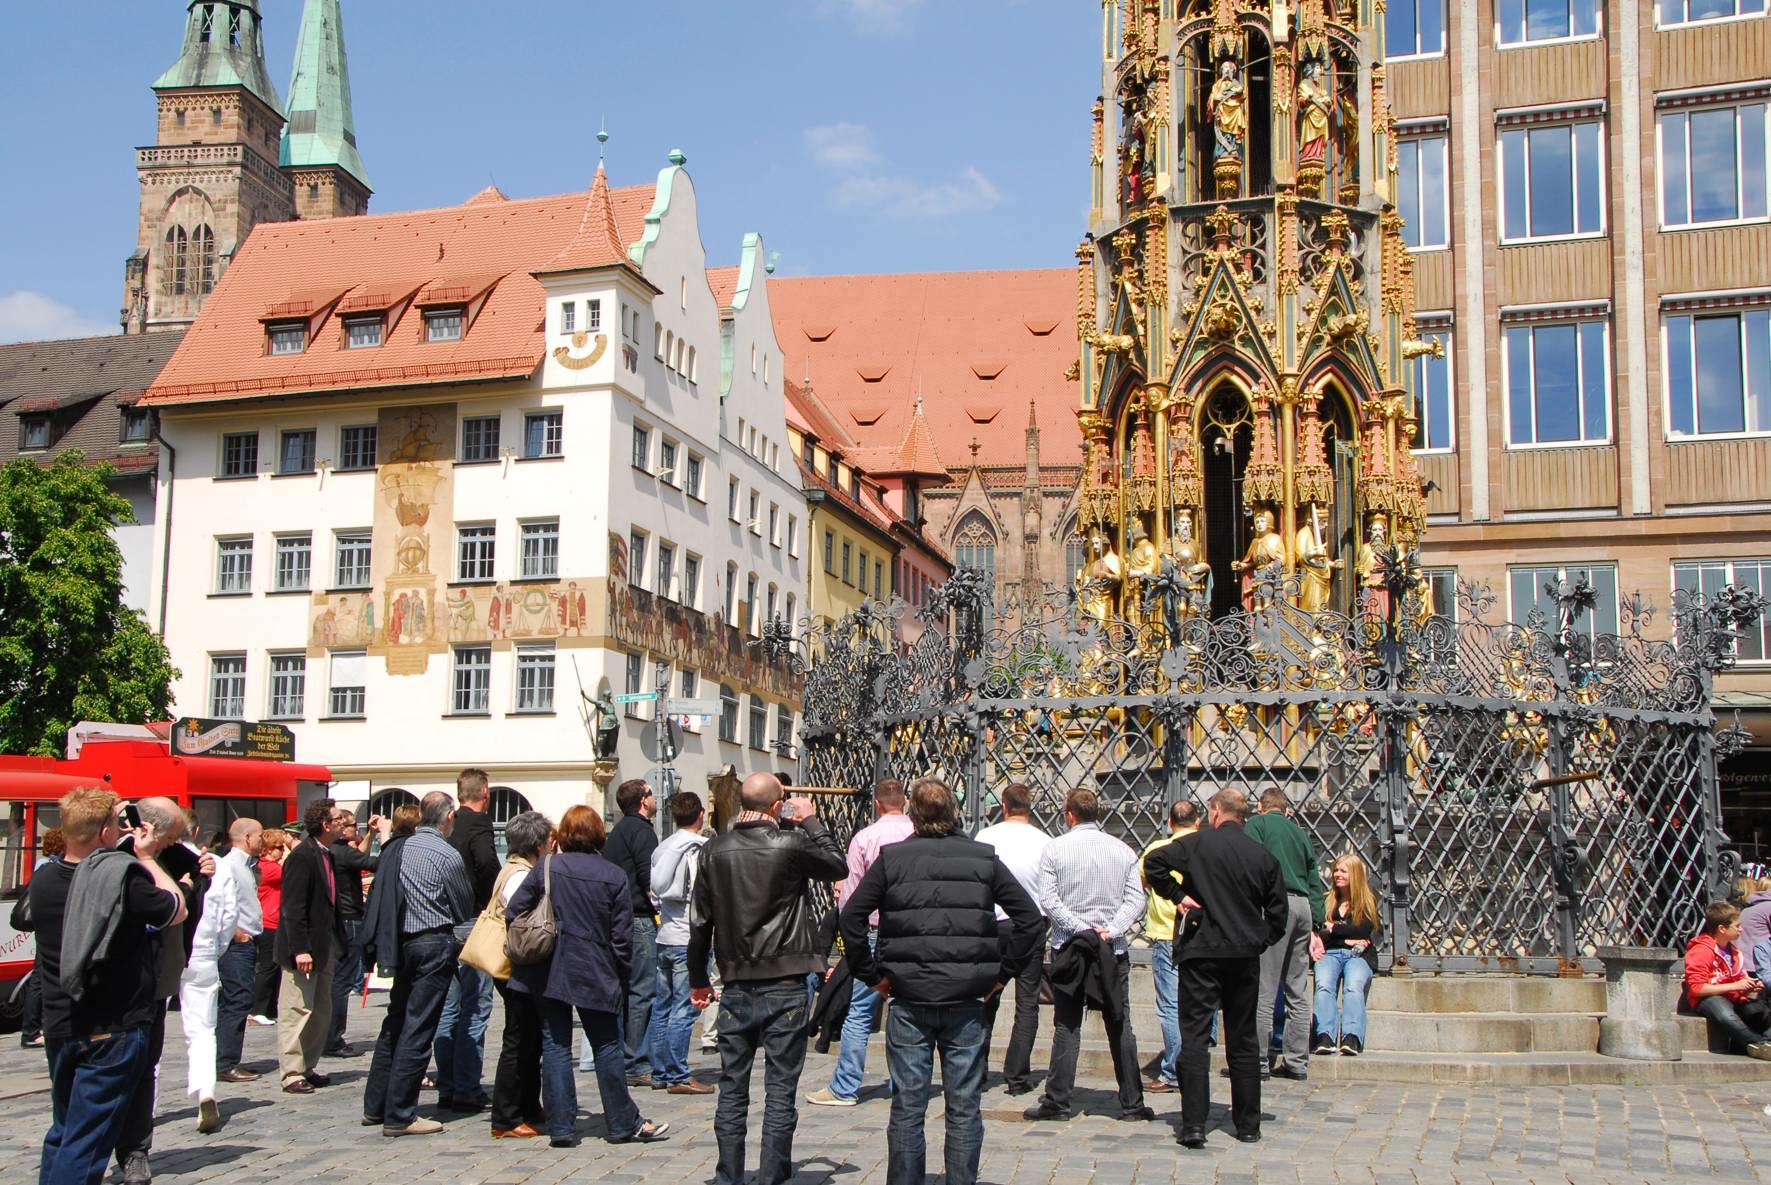 Kräftiger Einbruch im Nürnberger Gastgewerbe